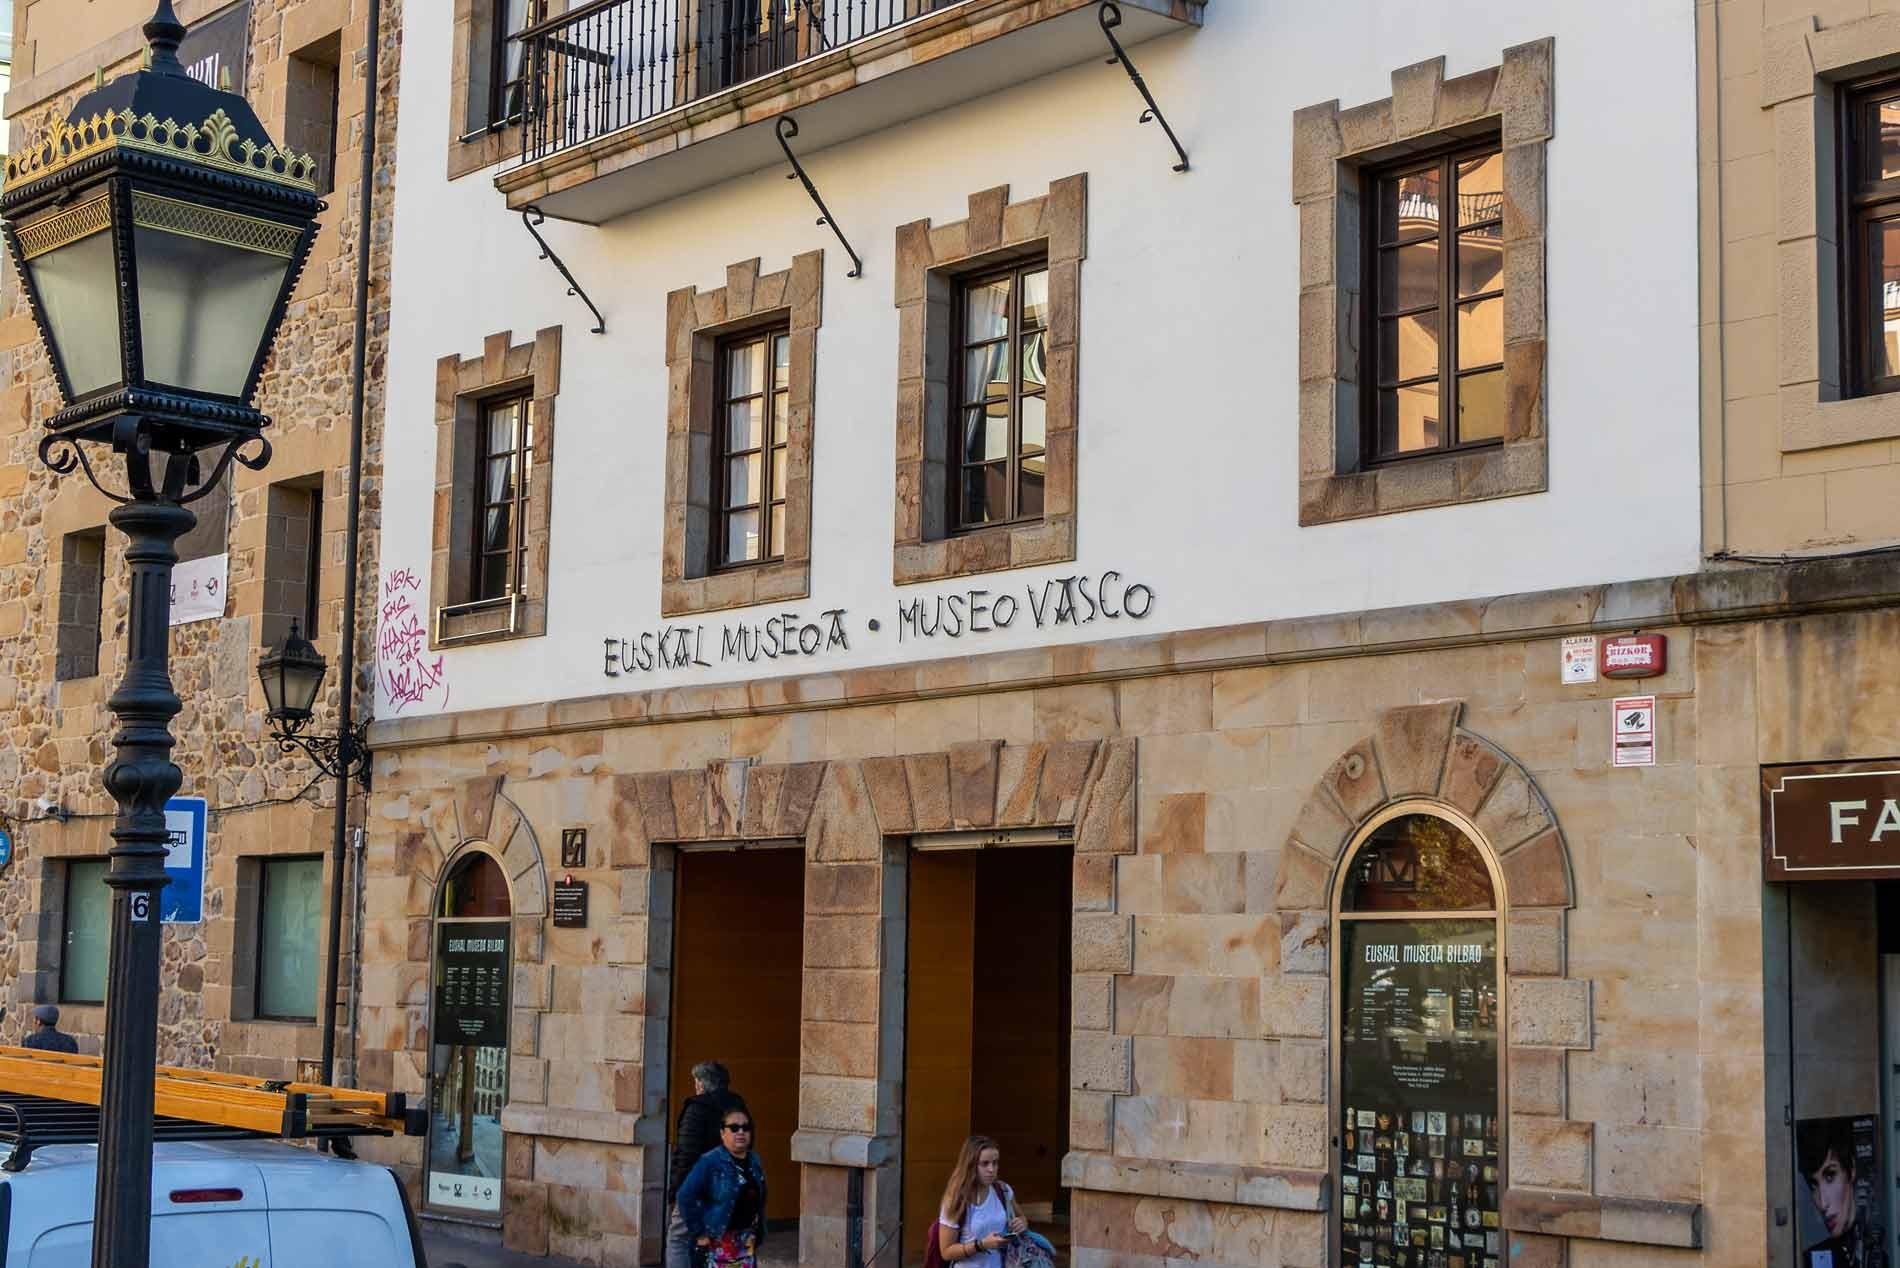 Luoghi di interesse a Bilbao: Museo Vasco a Bilbao